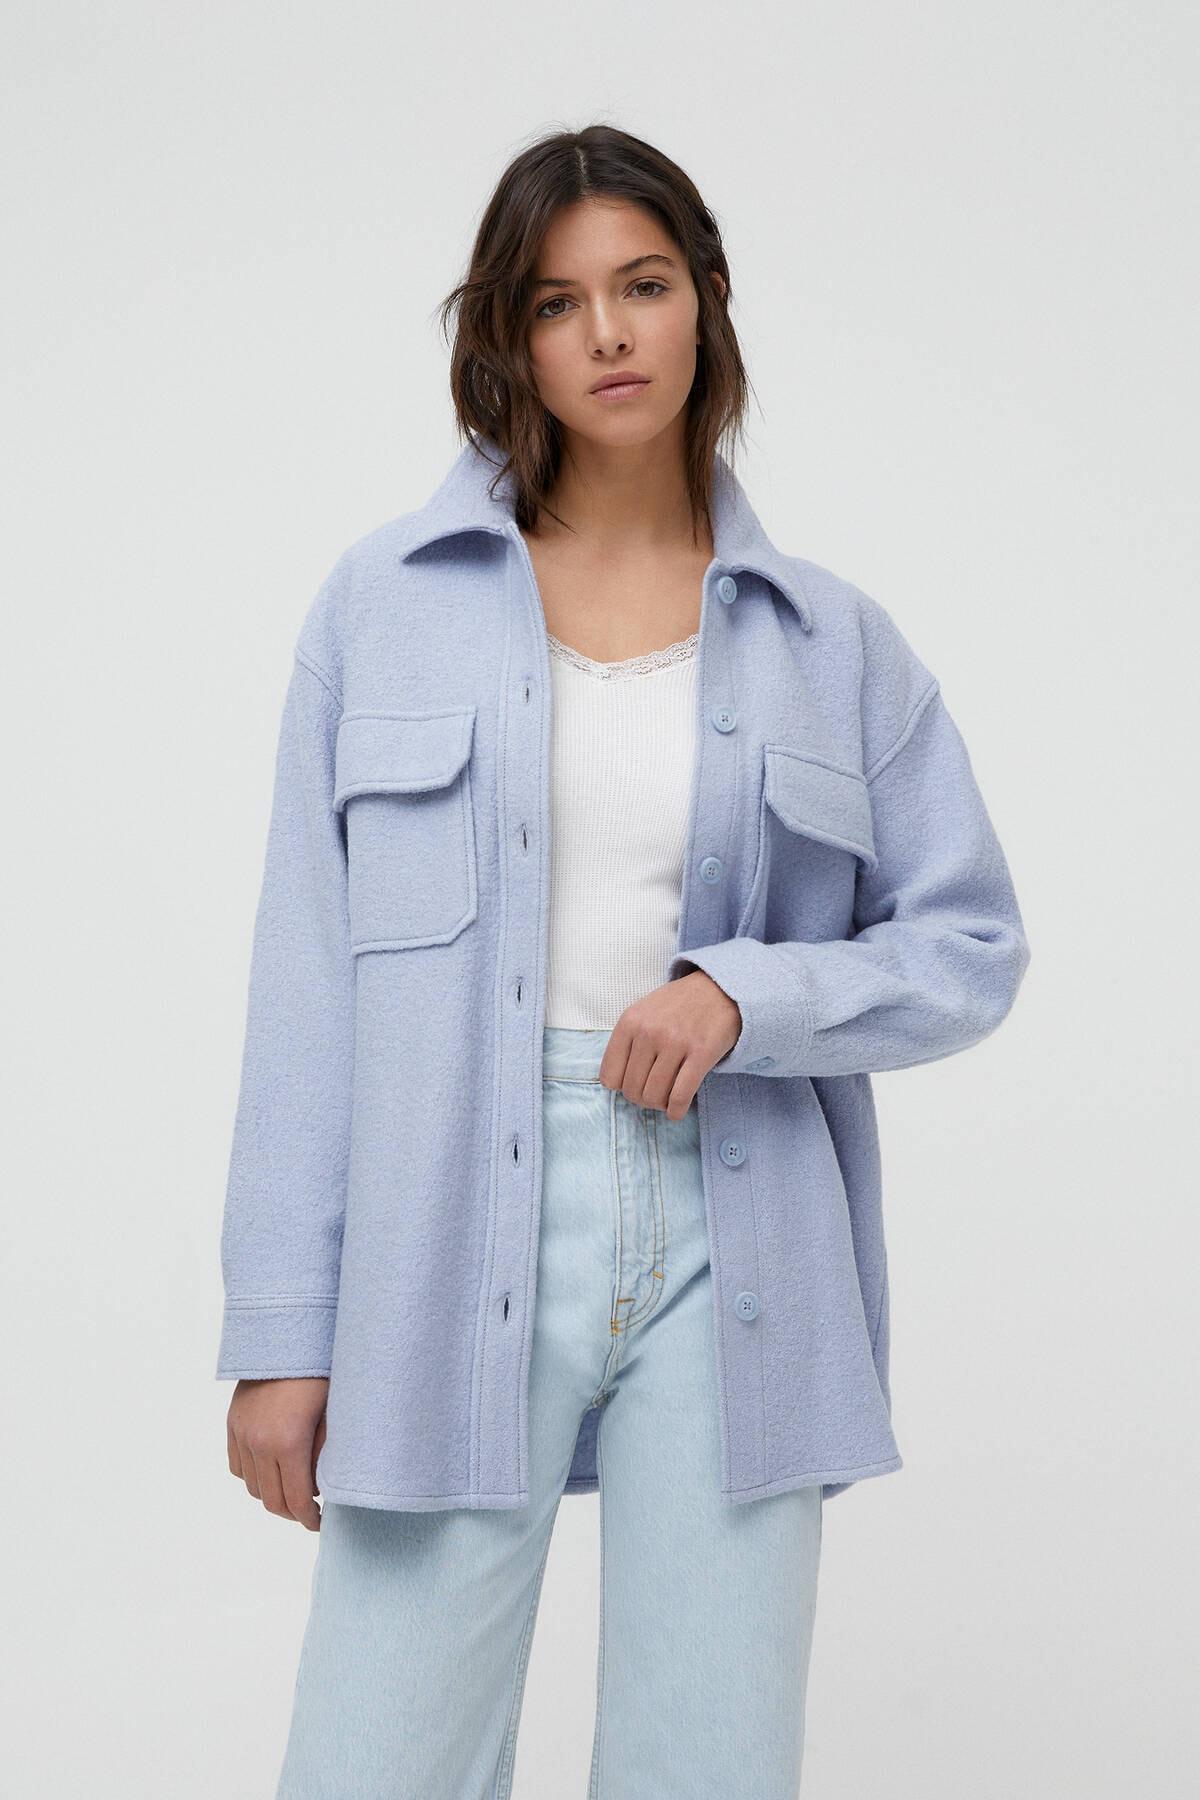 Pull & Bear Kadın Açık Mavi Cepli Dokulu Ince Ceket